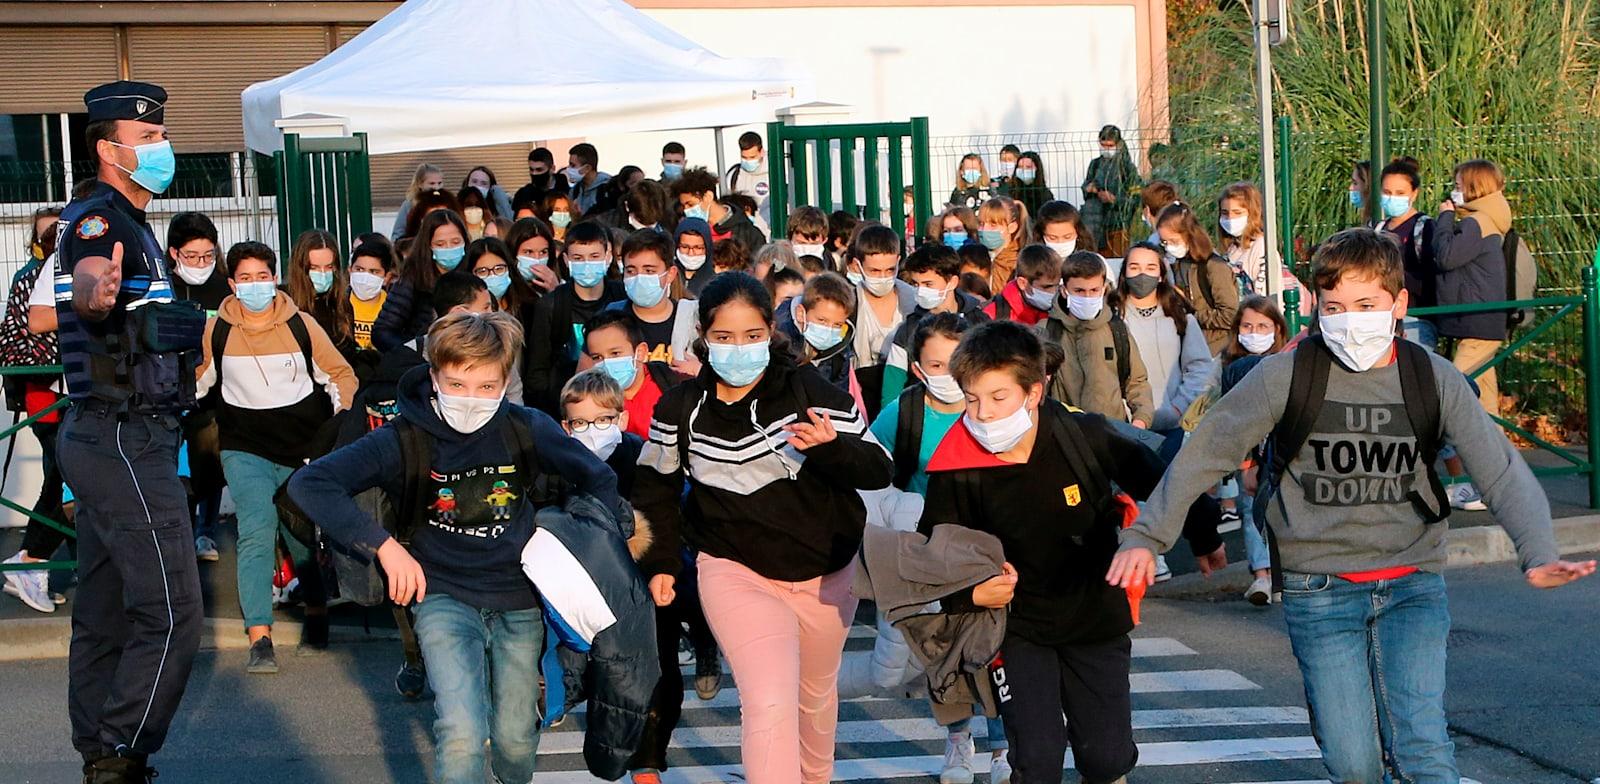 תלמידי בית ספר יסודי בקמבו  לה־באן בדרום מערב צרפת, בשבוע שעבר / צילום: Associated Press, Bob Edme